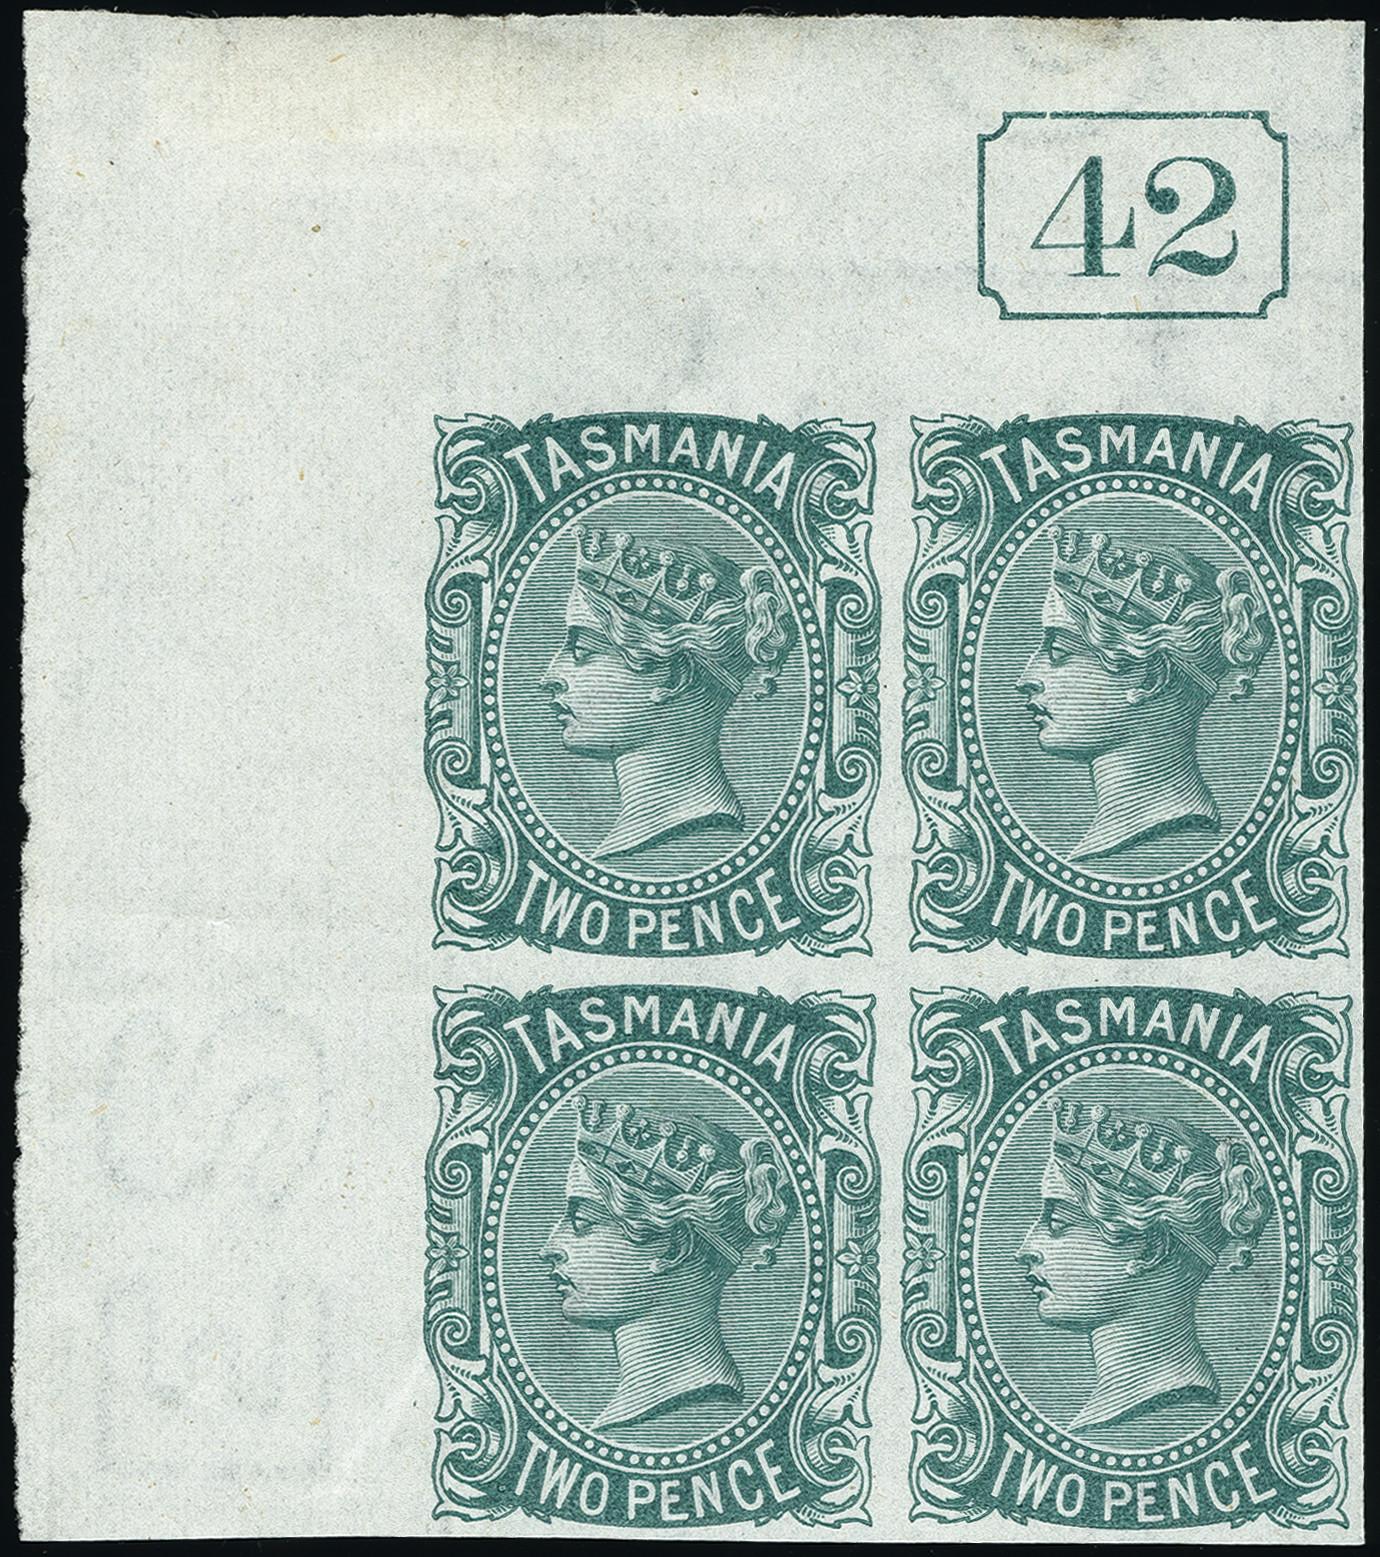 Lot 1227 - Australia tasmania -  Heinrich Koehler Auktionen Heinrich Köhler Auction 377 - Day 1